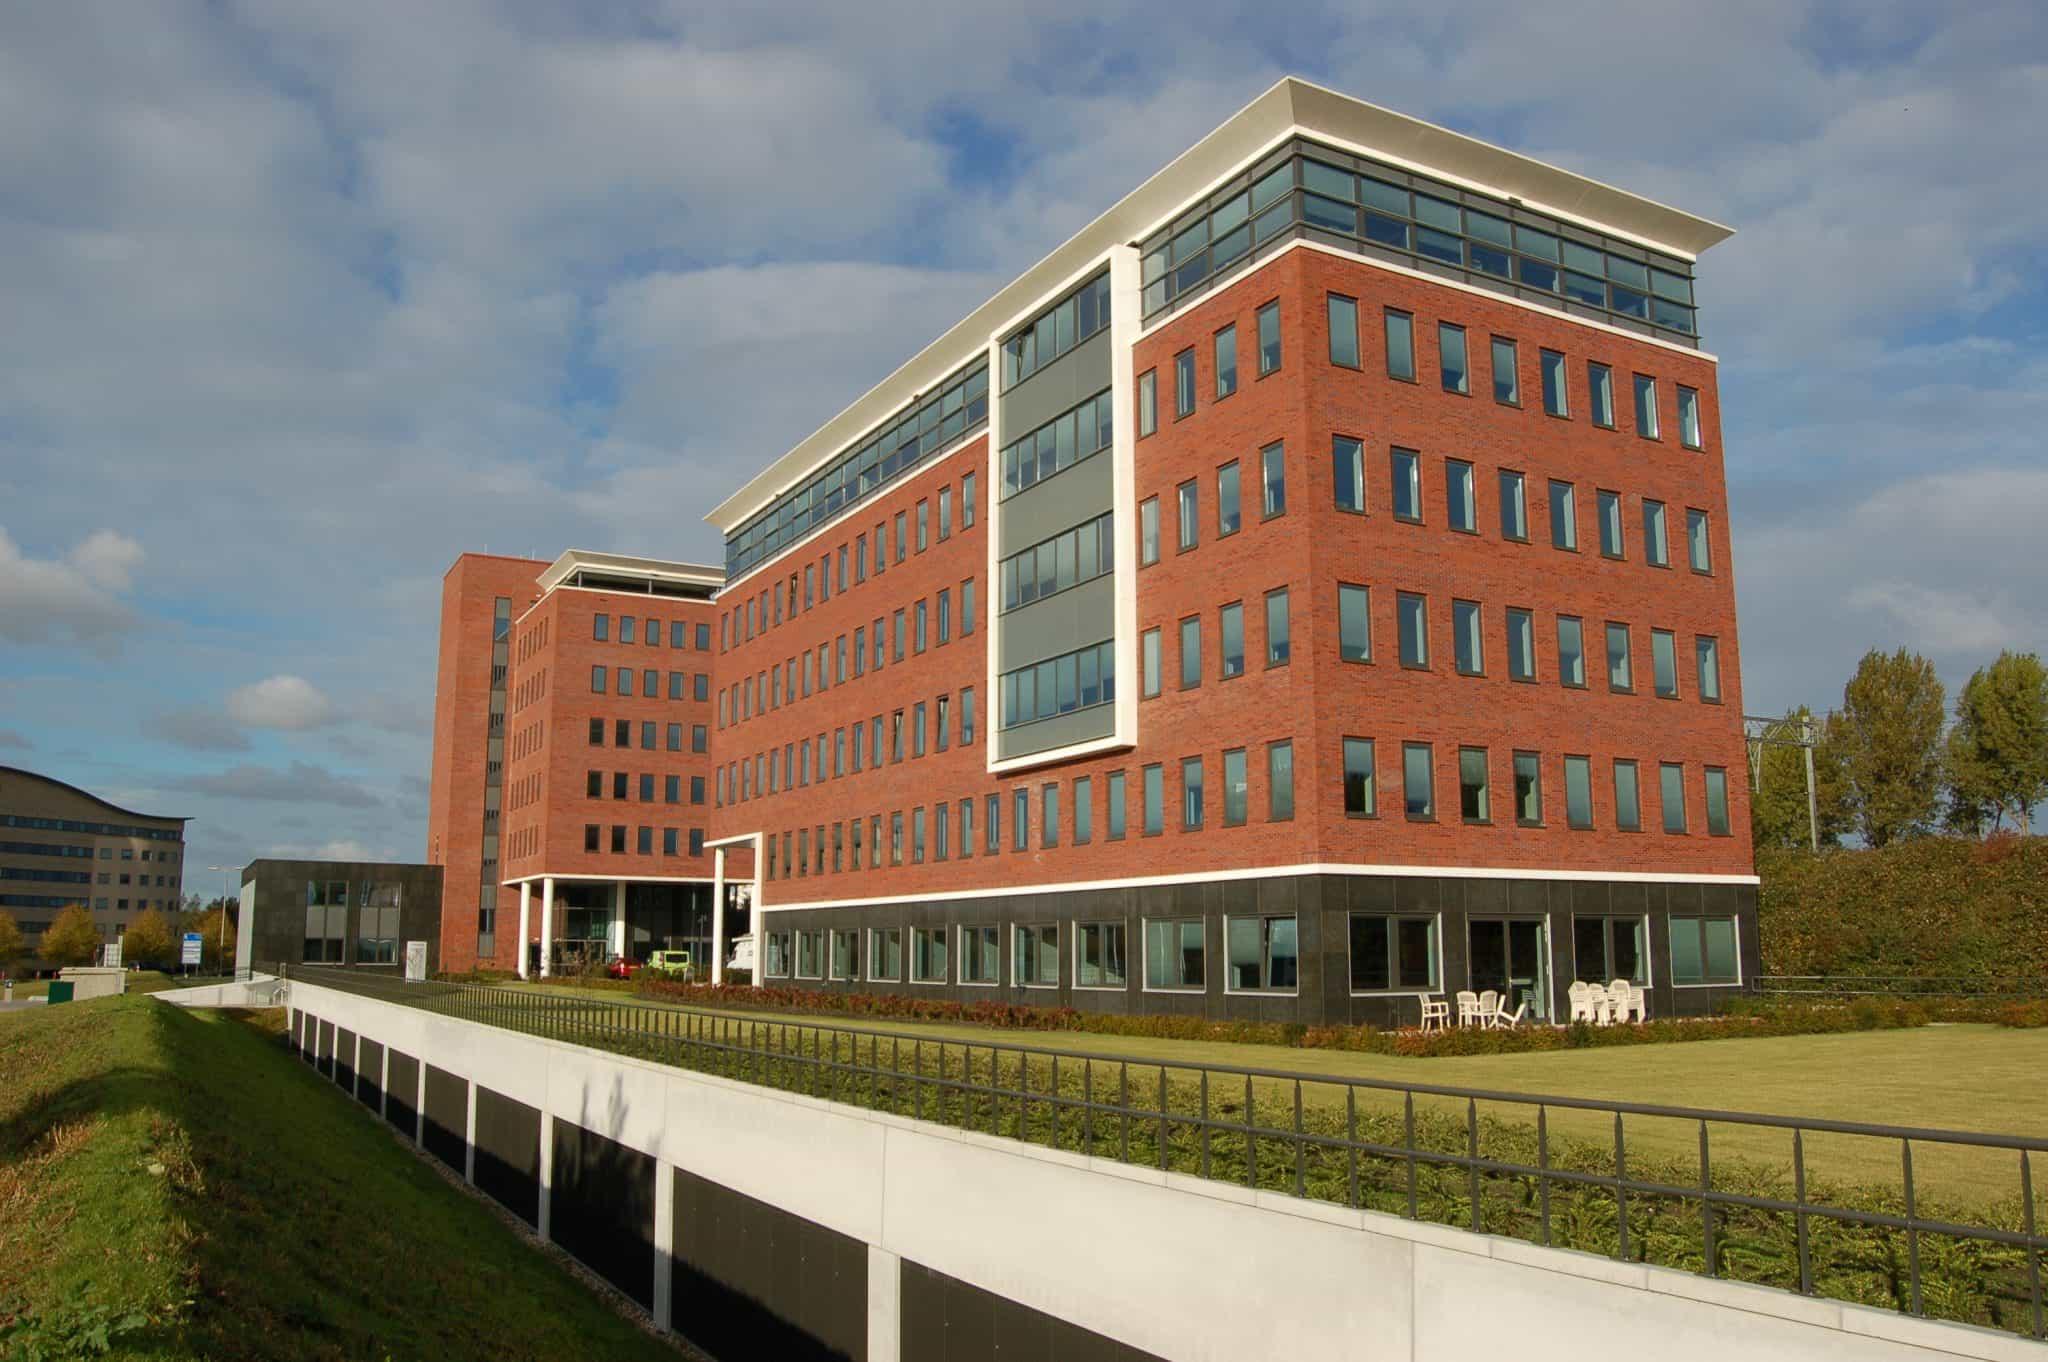 Nieuwbouw van 3 kantoren ca. 17.000 m2 BVO. Werkzaamheden: bouwkundig tekenwerk. Opdrachtgever: Hillgate Properties.